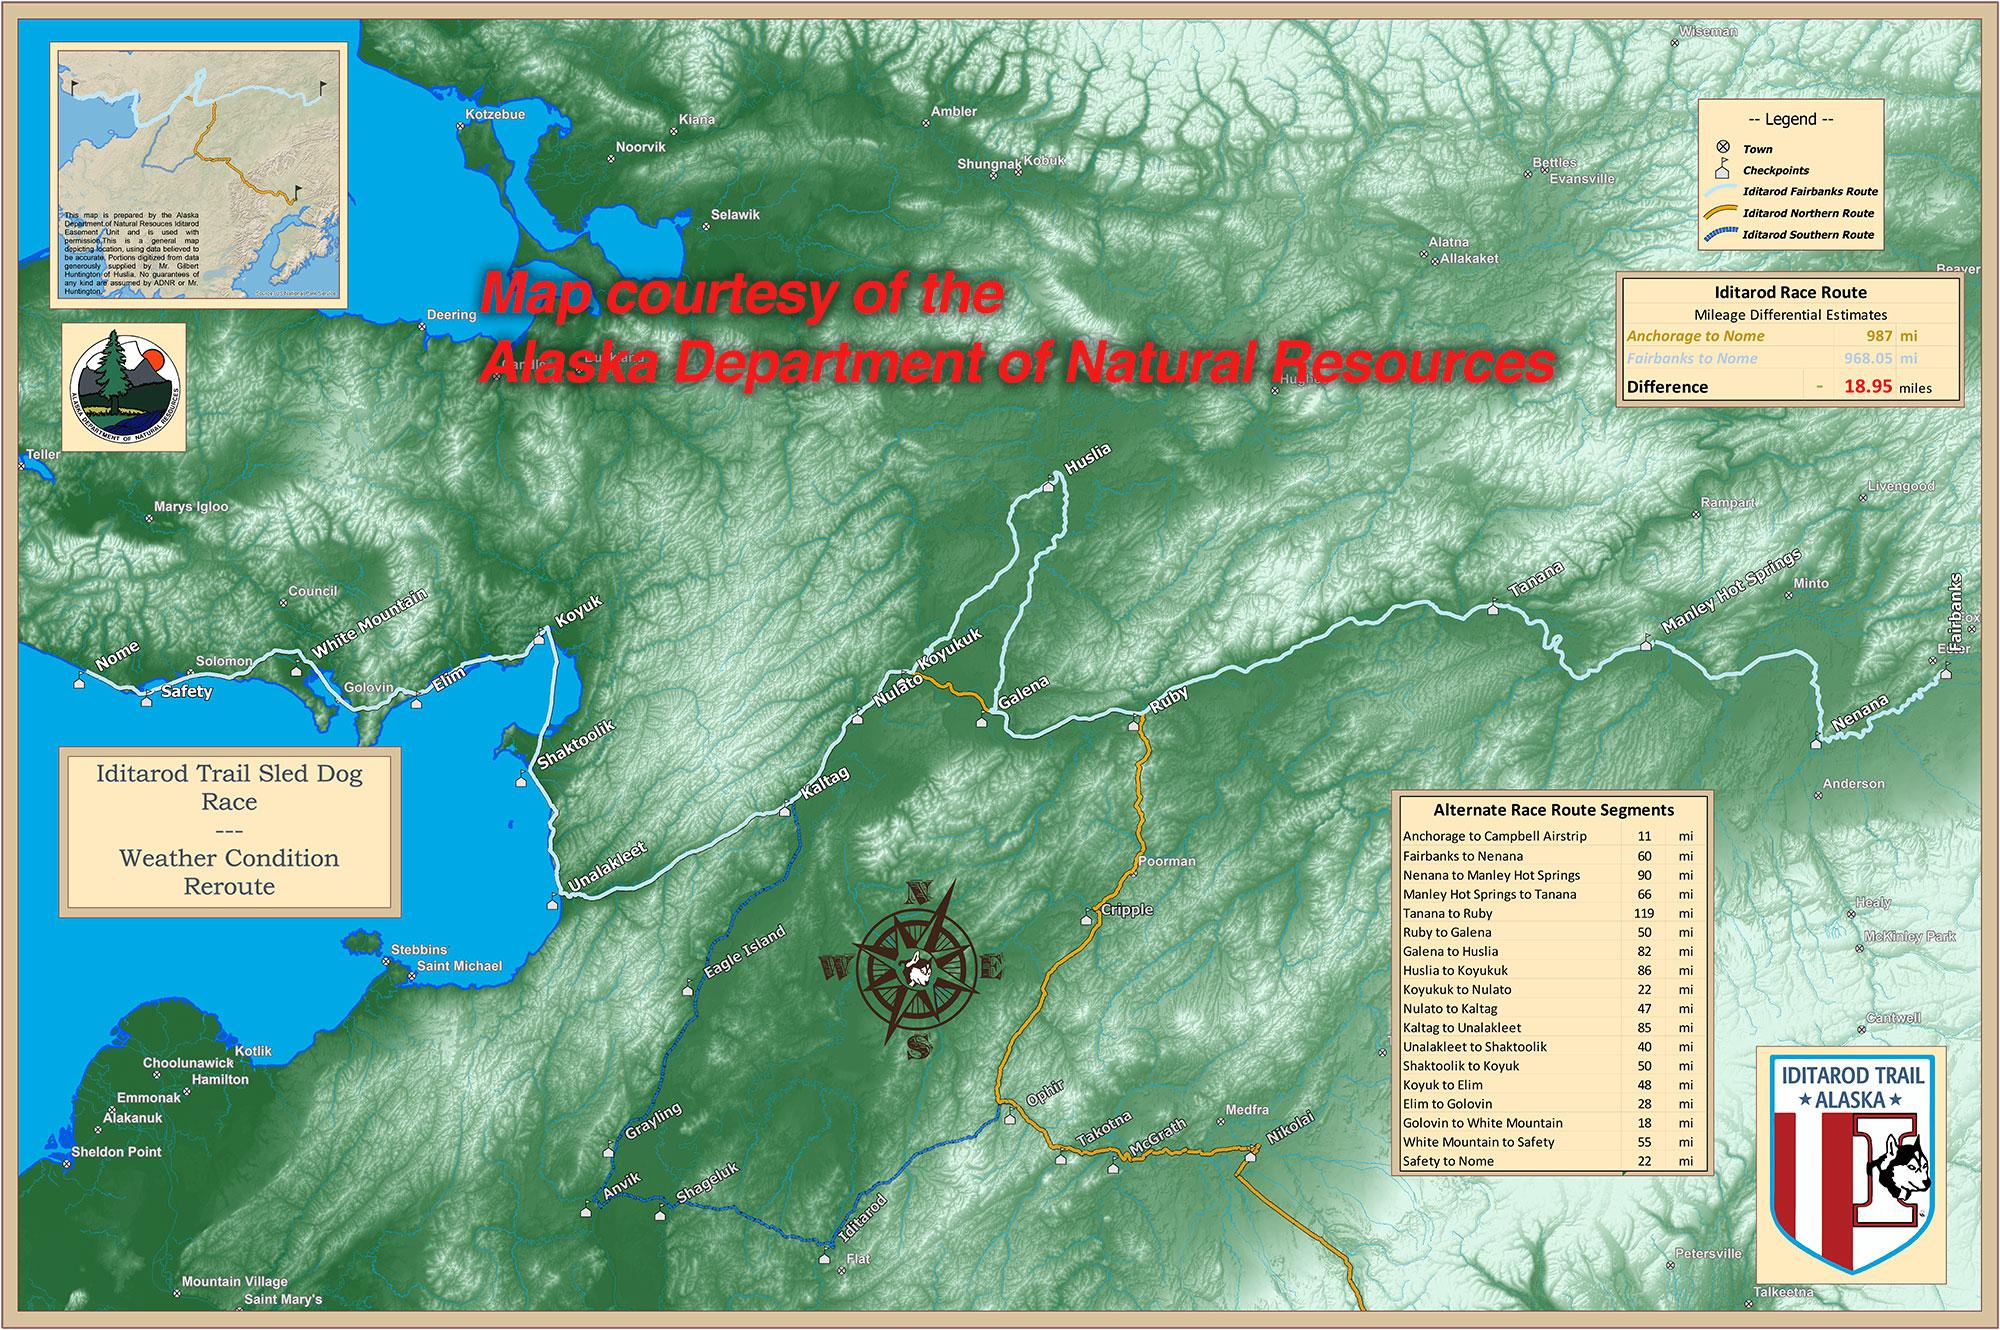 Race Map – Iditarod Road Map Of Northern Alaska on road map france, road map washington, road map hawaii, road map canada, road map manitoba, road map new jersey, road map china, road map baffin island, road map iceland, road map guatemala, road map kenya, road map scandinavia, road map ukraine, road map europe, road map siberia, road map maryland, road map connecticut, road map utah, road map japan, road map virginia,